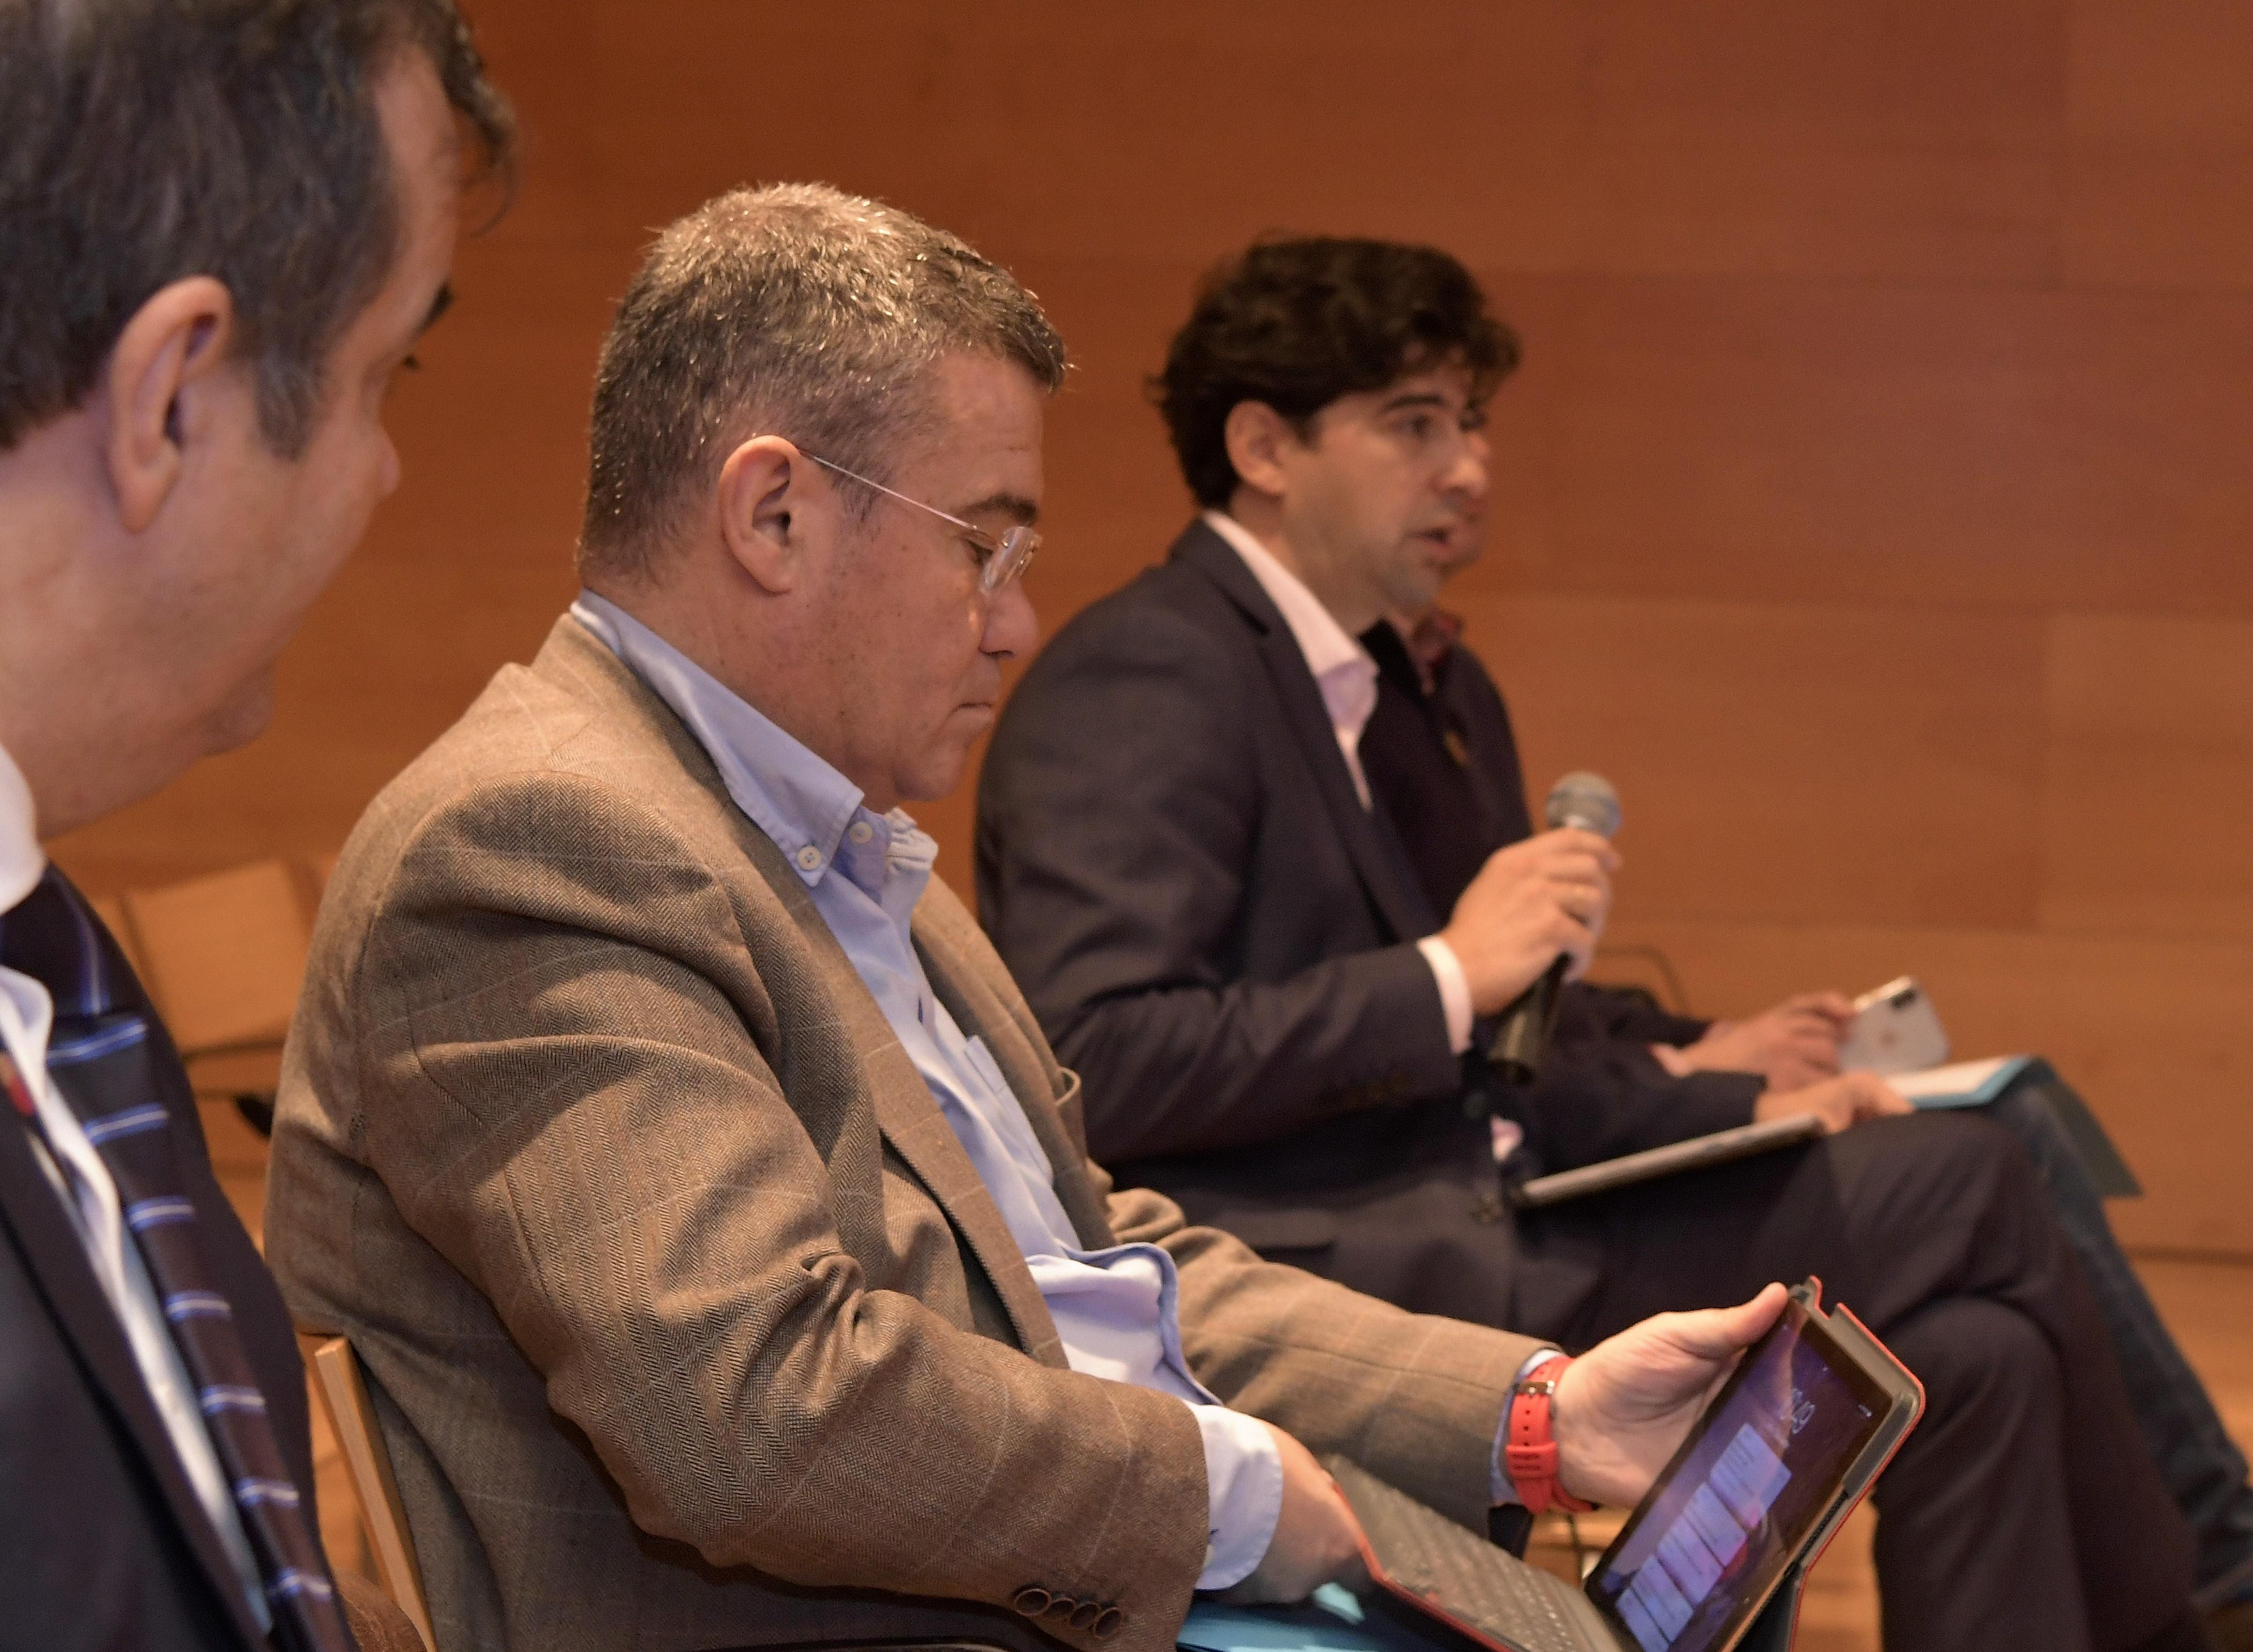 El Alcalde en la reunión de la Junta Directiva y Asamblea General de la Red de Ciudades Inteligentes (RECI)